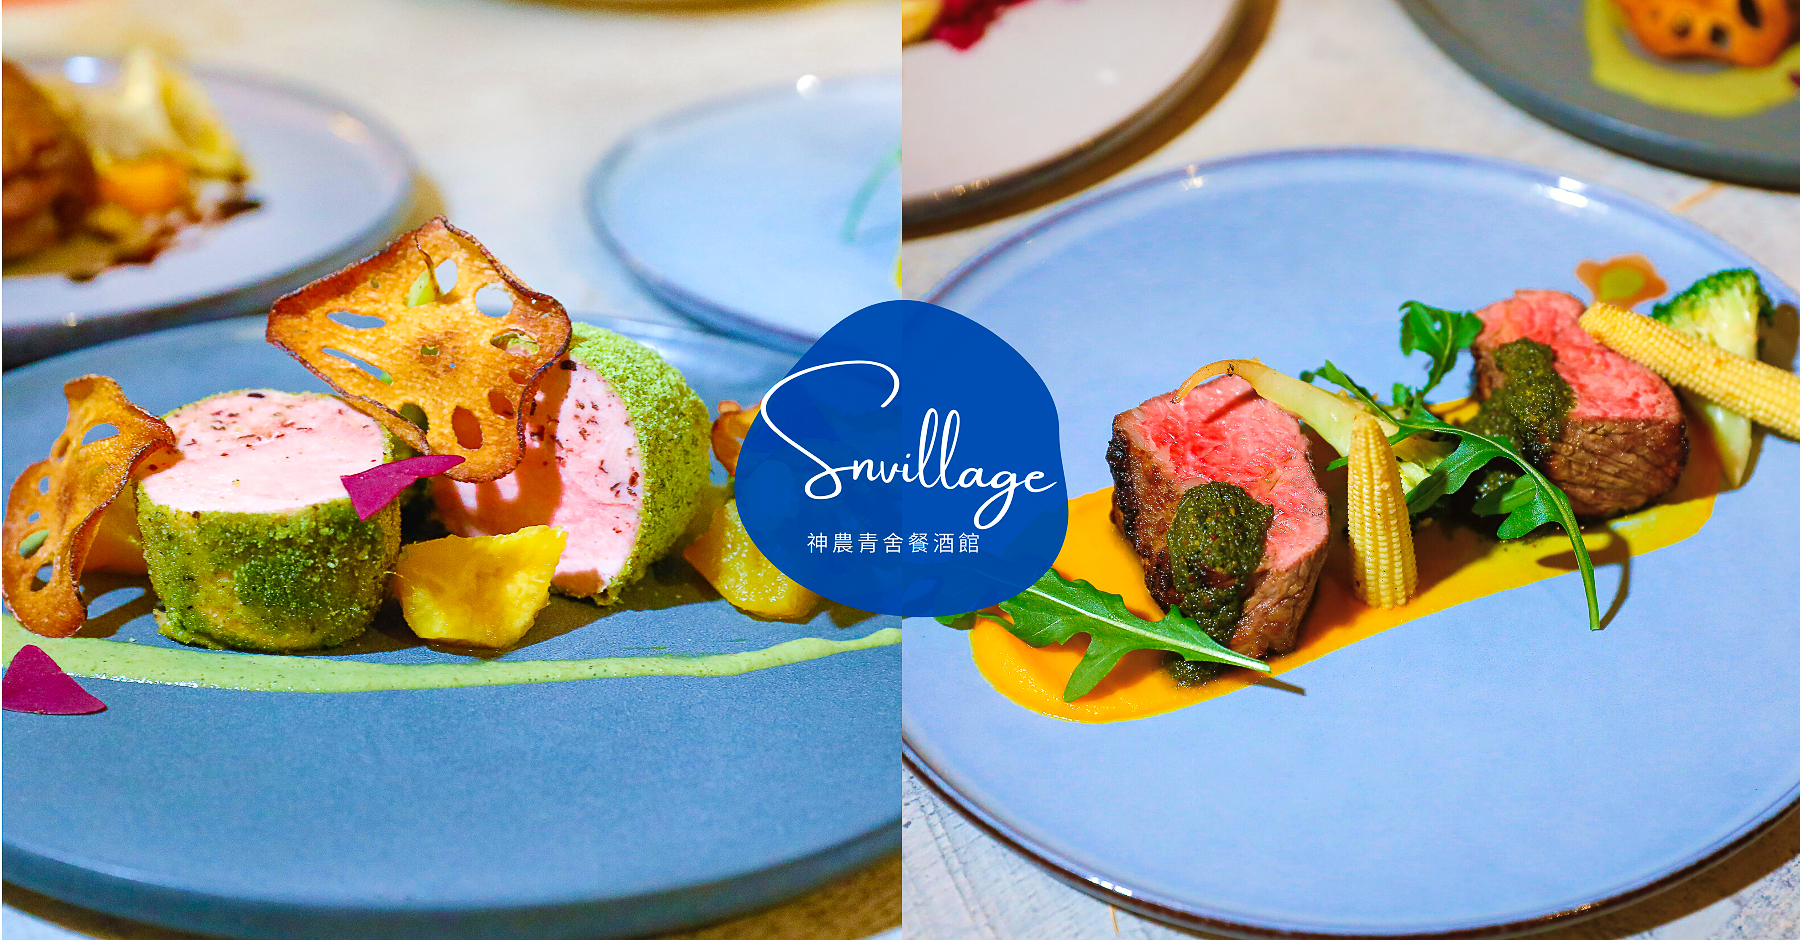 神農青舍餐酒館2.0|宜蘭法式餐廳推薦!高CP值法式料理融合在地食材經典套餐菜單評價